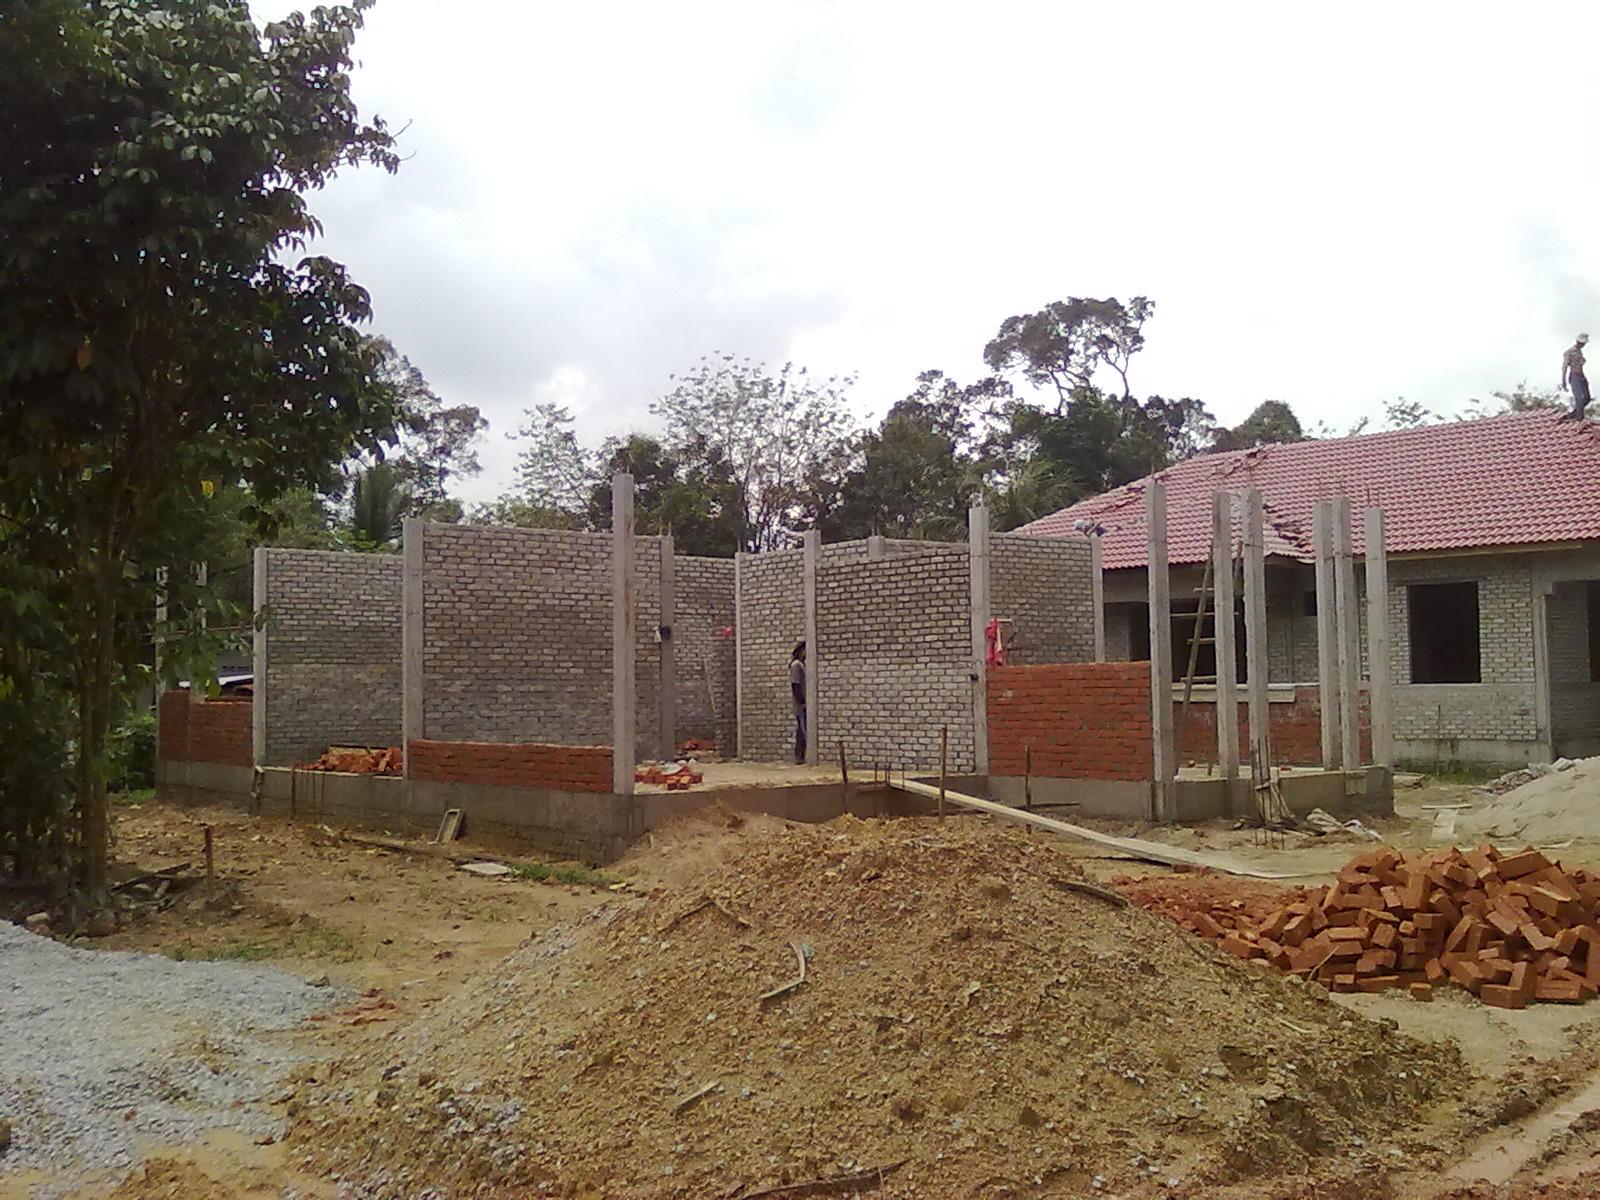 Hampir Keseluruhan Dinding Dalam Rumah Telah Siap Berbata Manakala Luar A Bahagian Bawah Sahaja Dipasang Bata